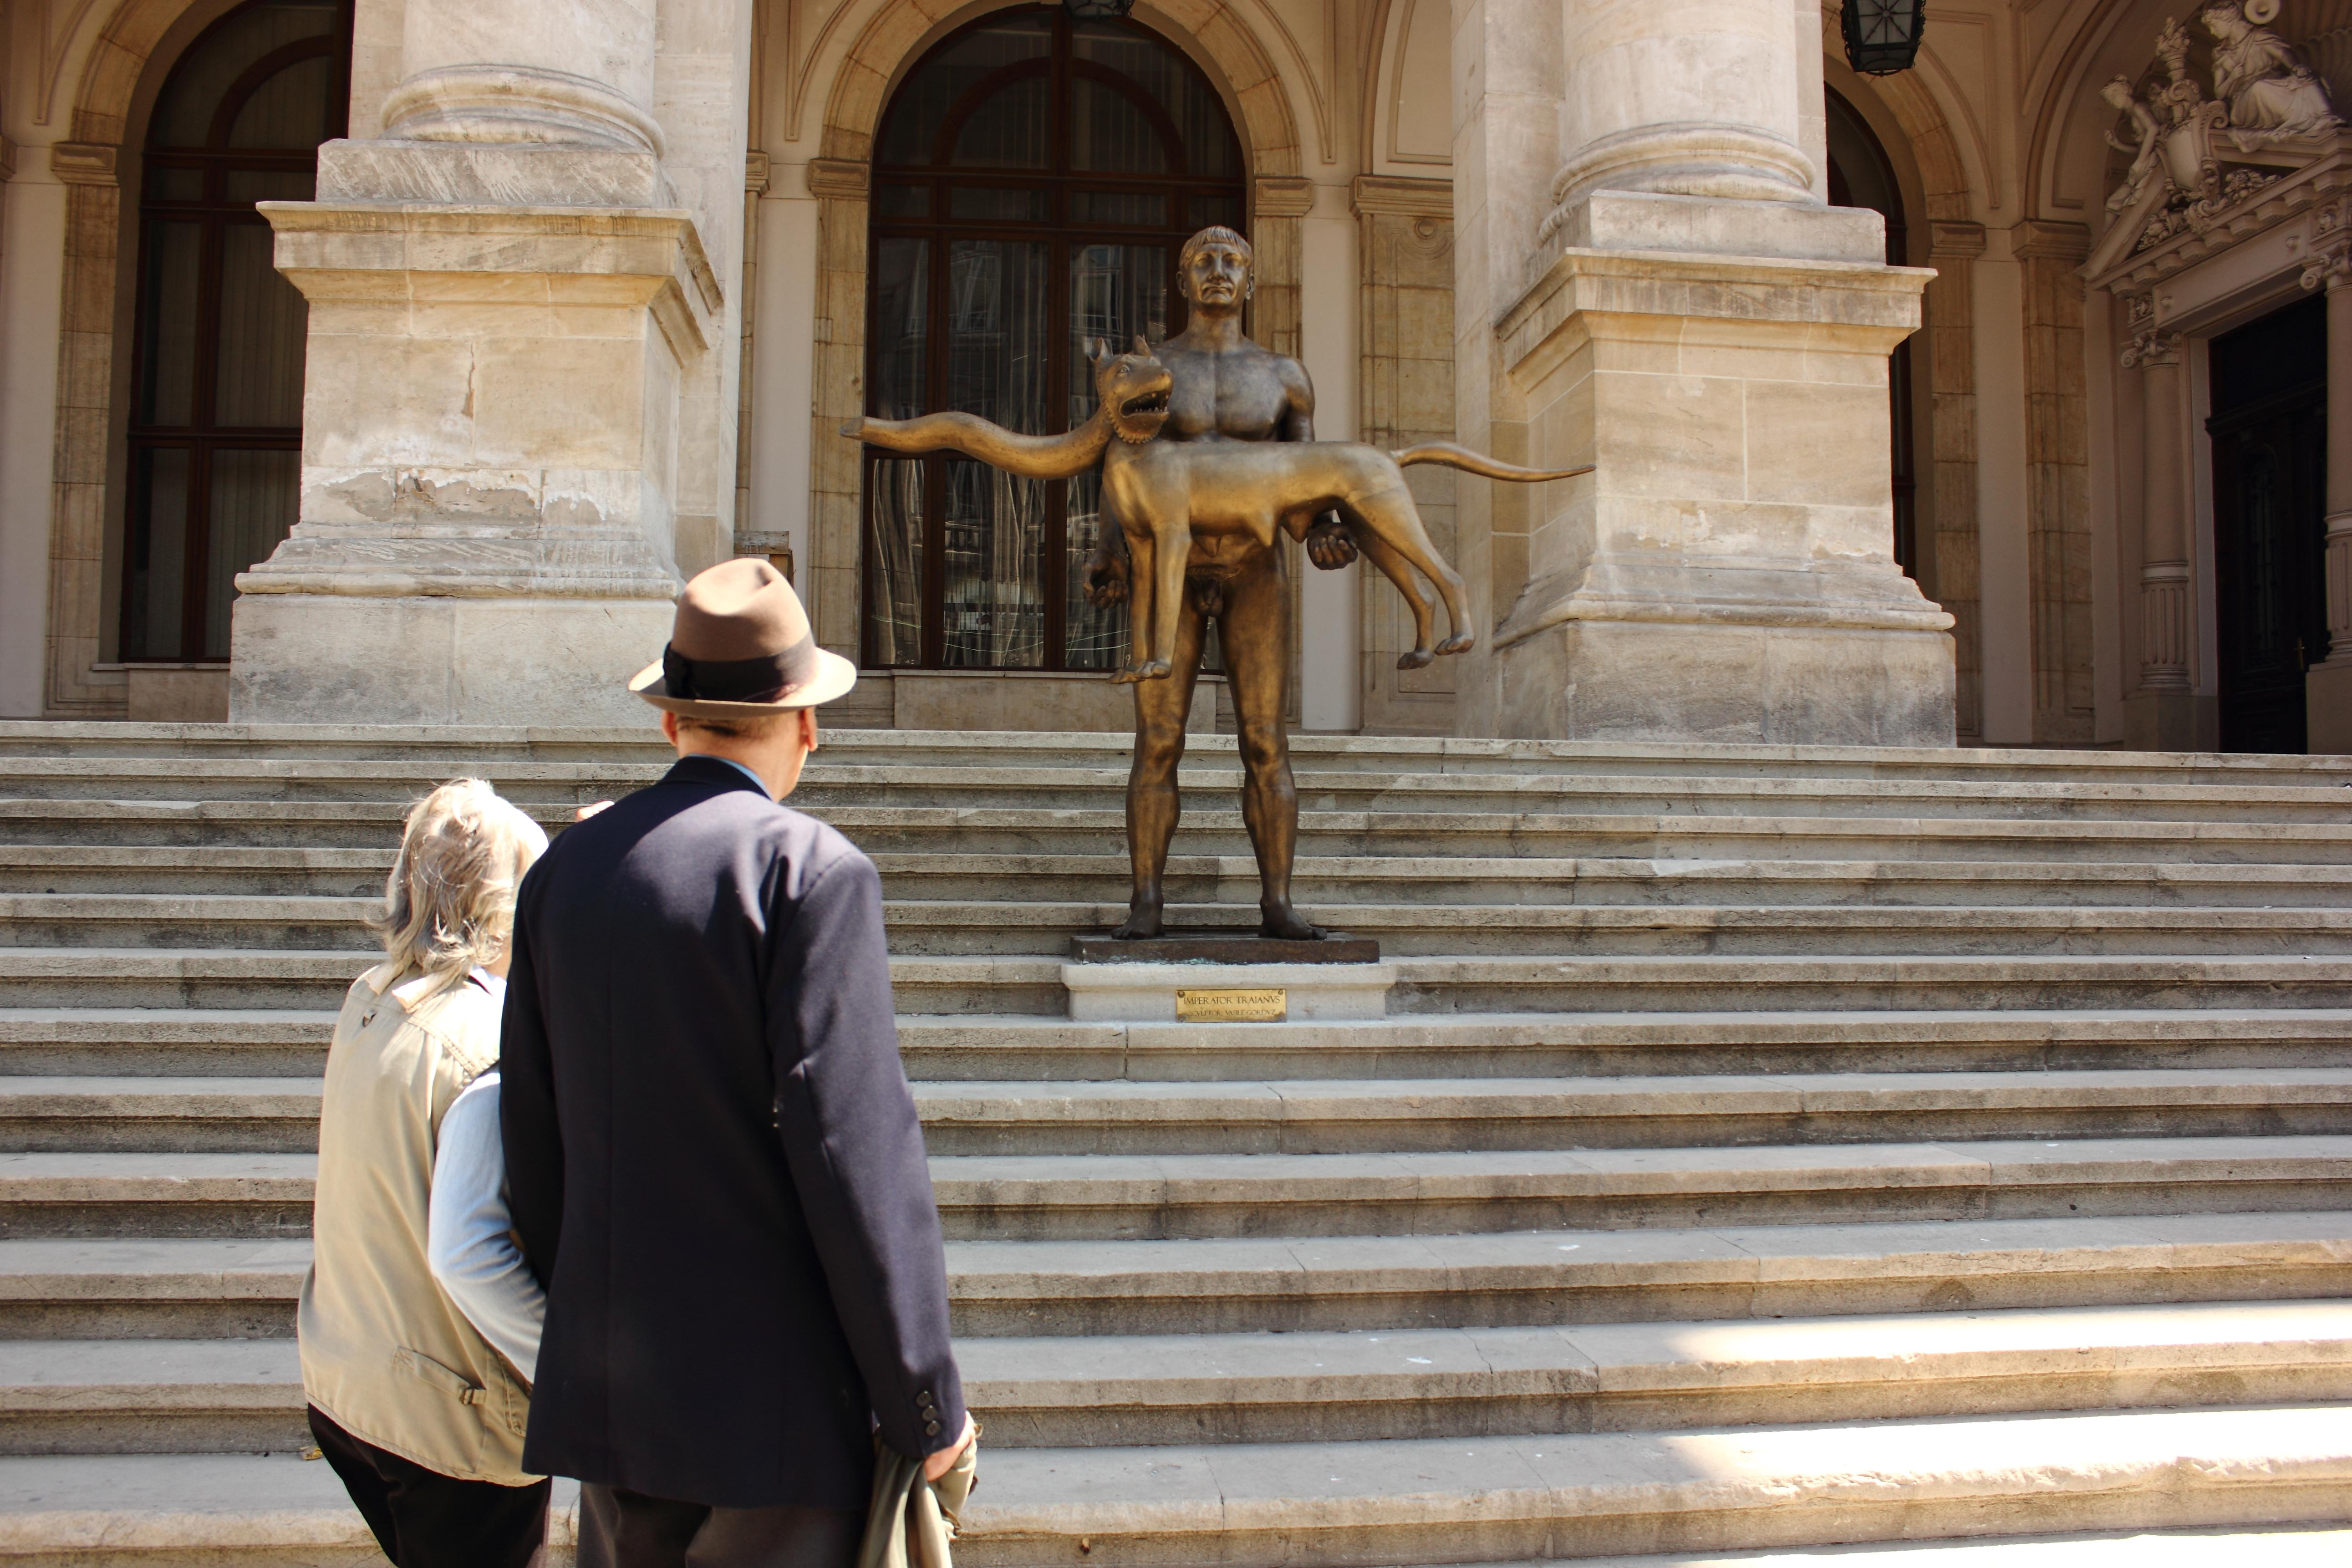 Statuia `Împăratului Traian` va fi luată din faţa Muzeului Naţional de Istorie, pentru restaurare, după ce a fost vandalizată